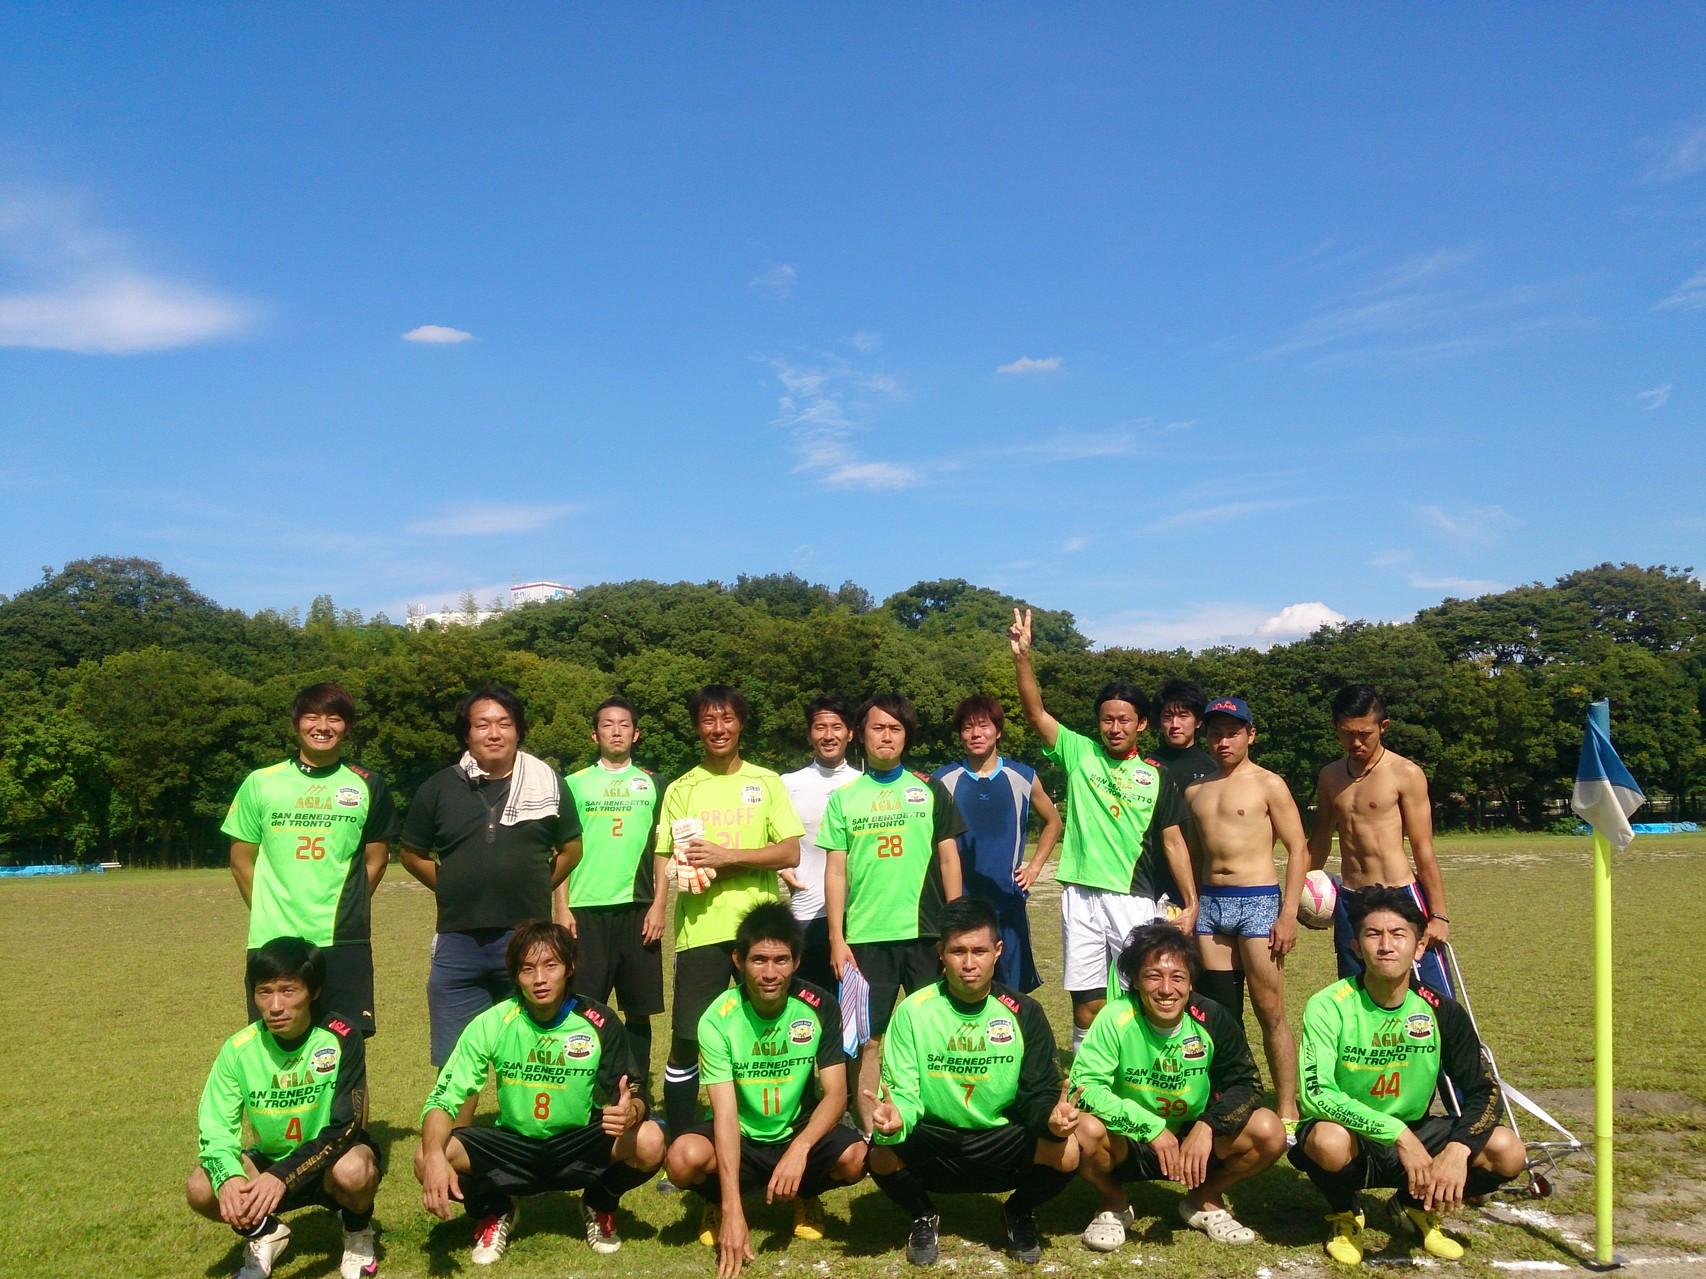 2014/9/21 寝屋川公園 vs fiducia vs FCボニート